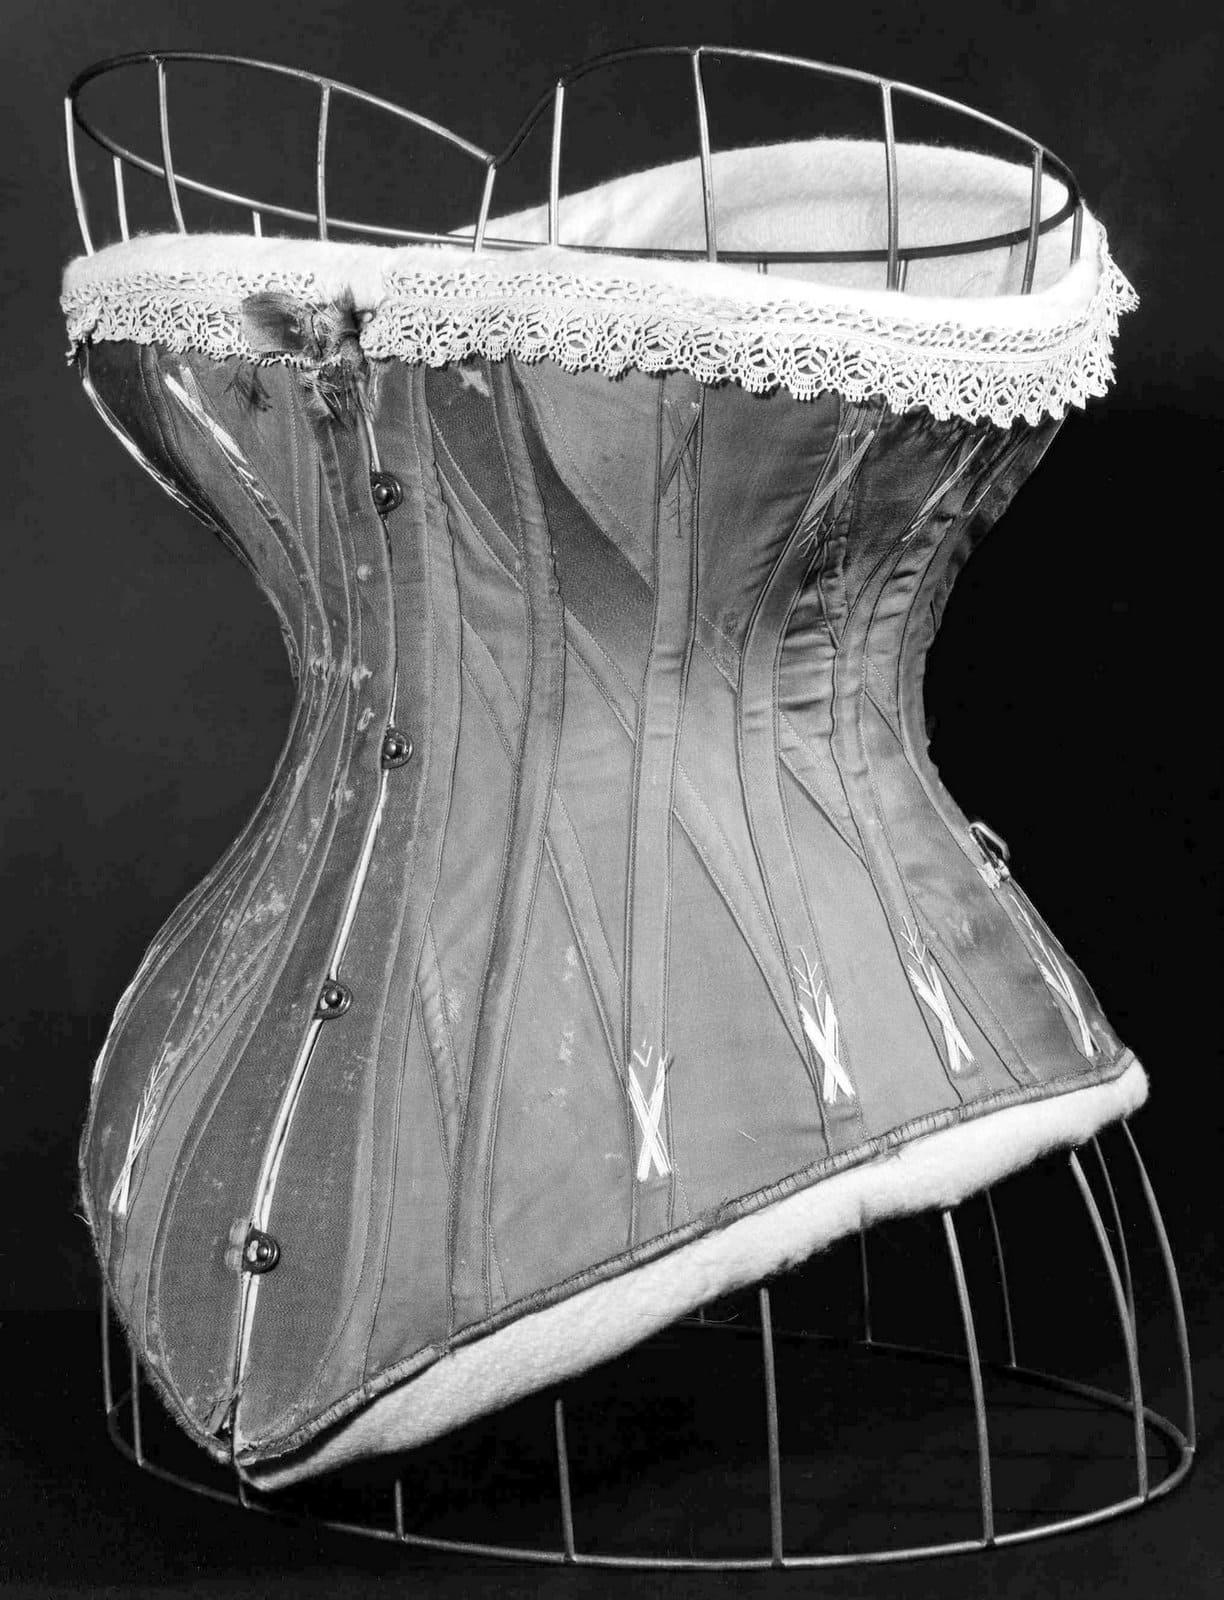 Vintage corset - British design c1870